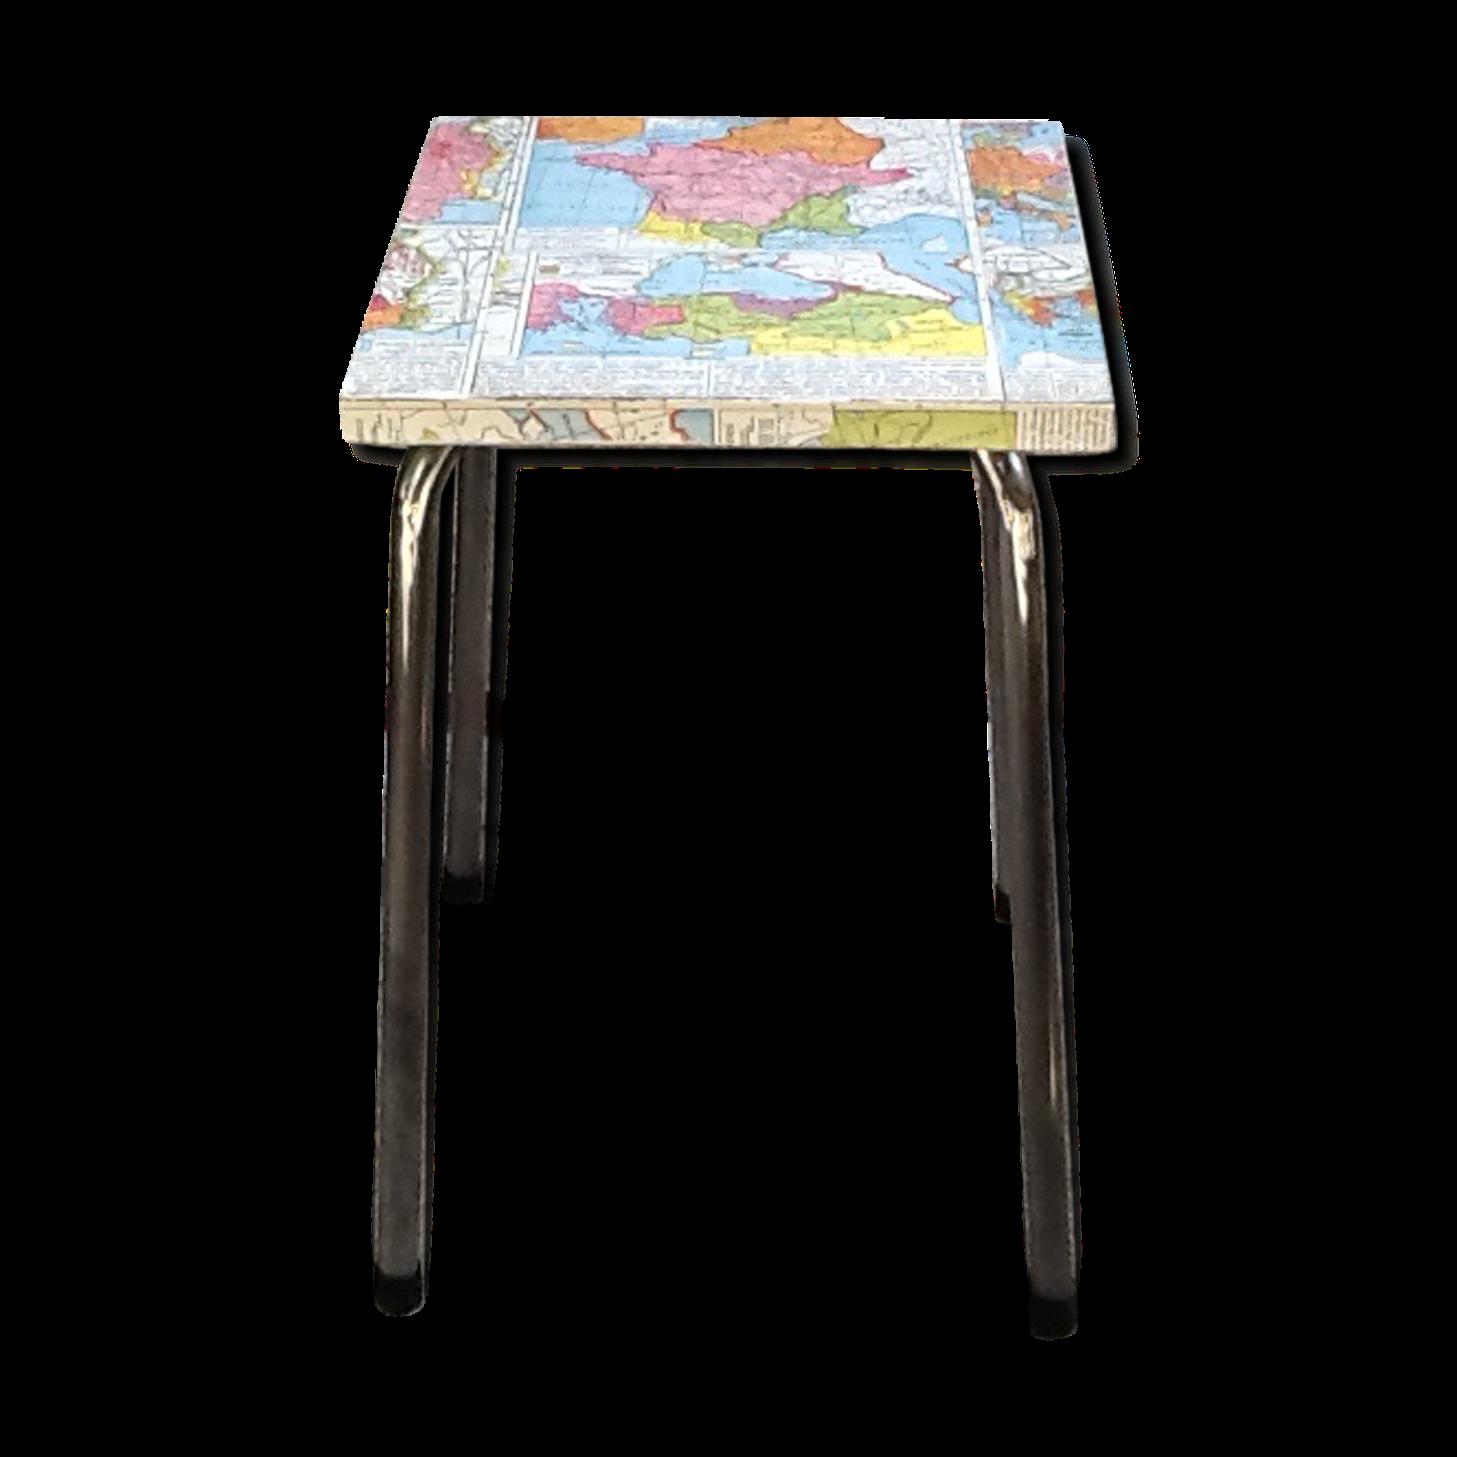 Tabouret de bar patchwork top mignon chaise scandinave - Chaise patchwork alinea ...